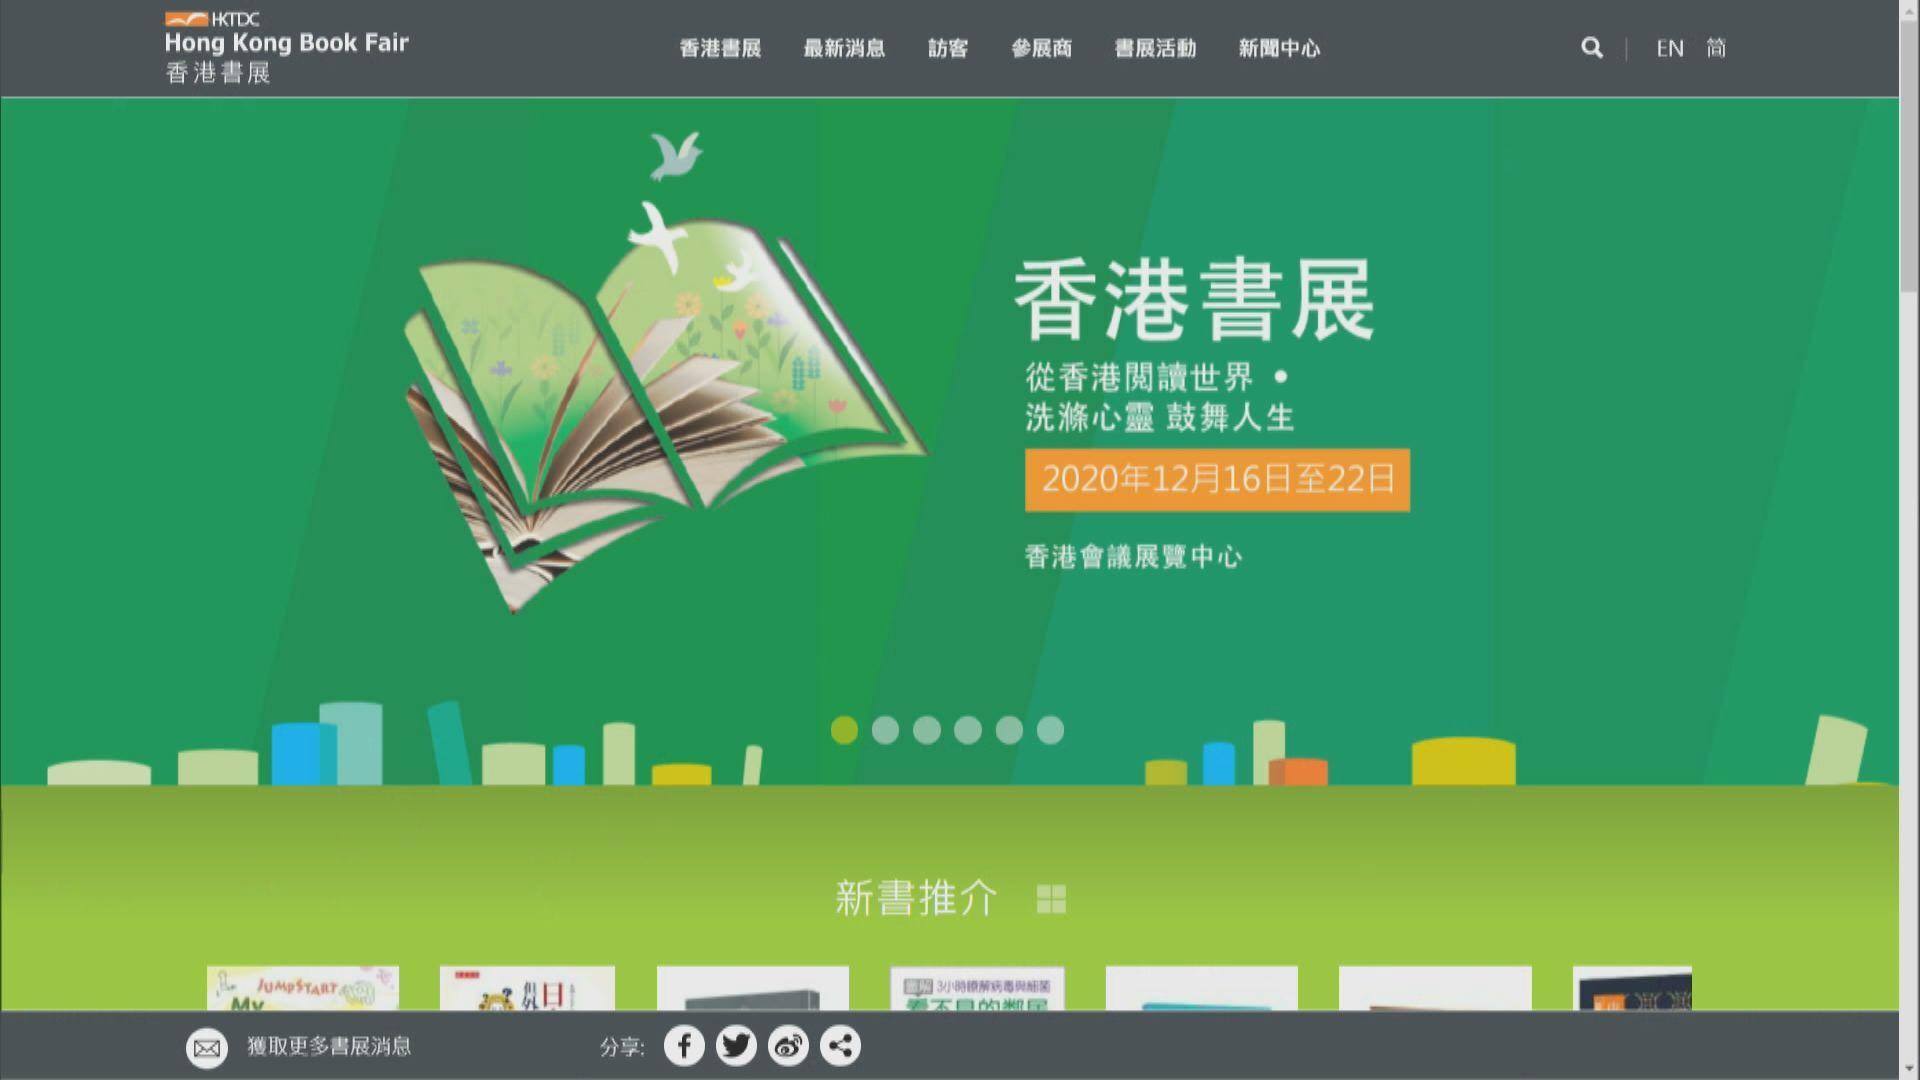 書展改於本年12月16至22日舉行